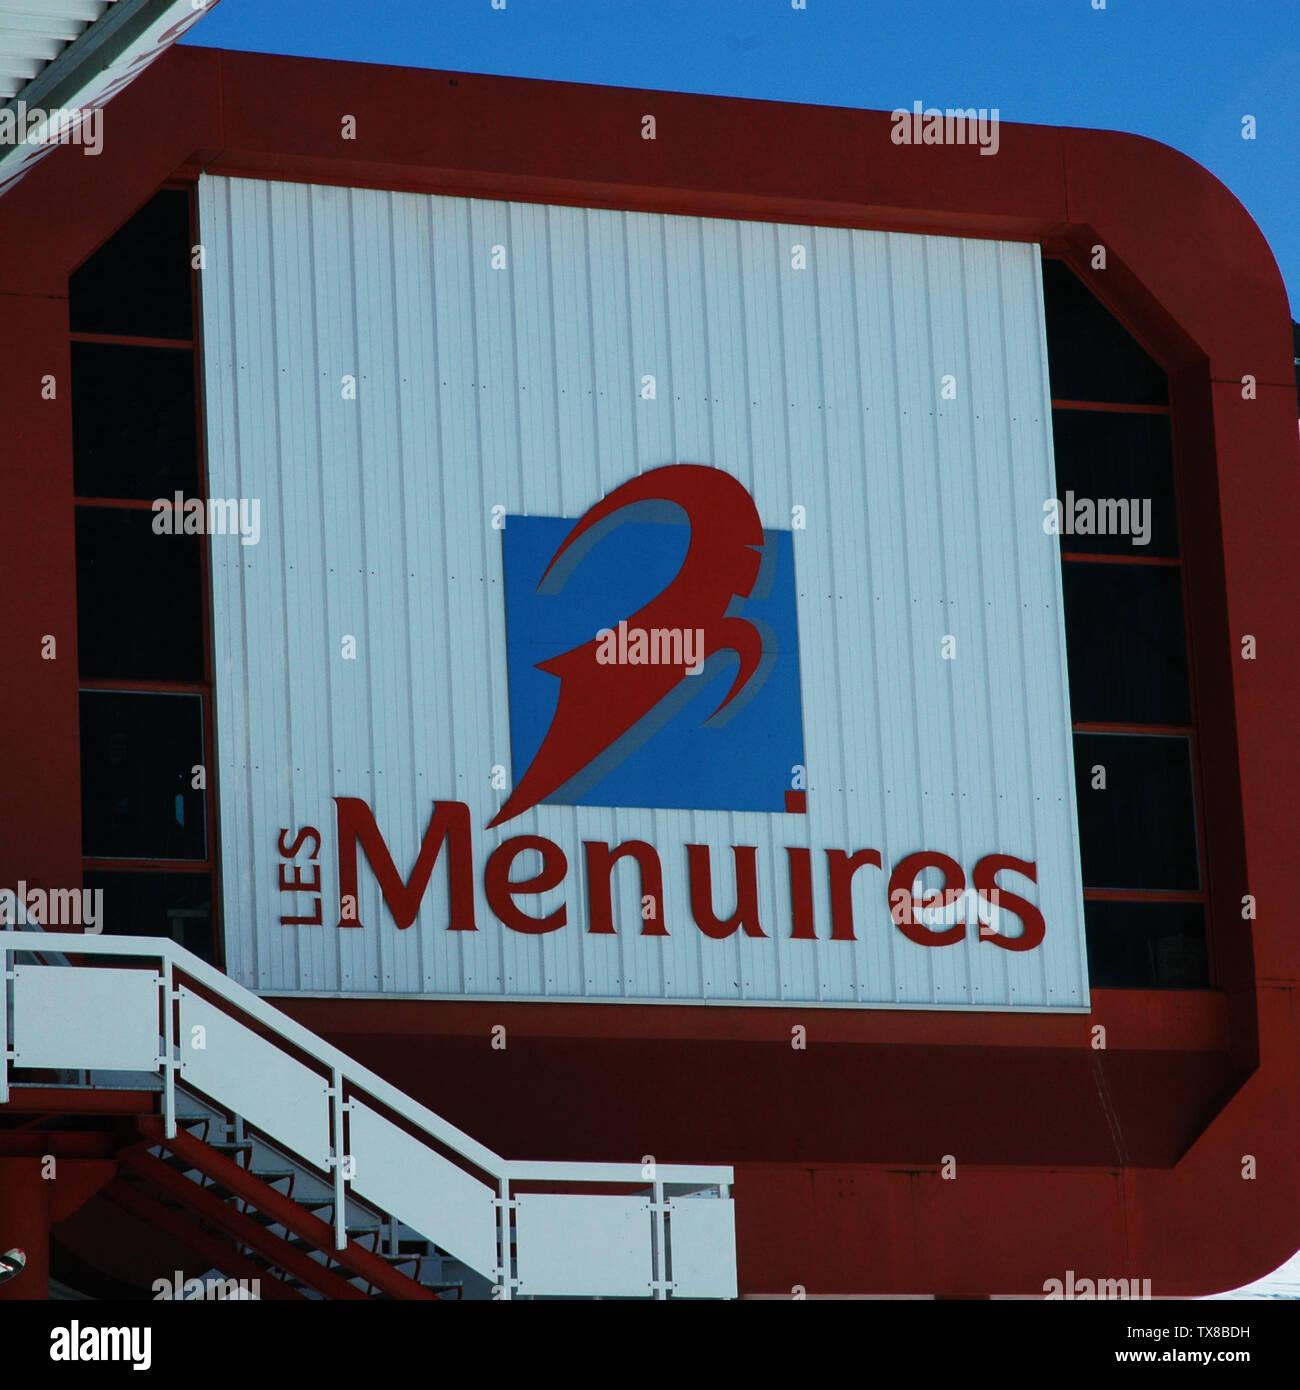 'Het logo van Les Menuires op een skilift (Les Menuires, Fr); 25 February 2007 (original upload date) (Original text:  20 februari 2007); Transferred from nl.wikipedia to Commons. (Original text:  Eigen foto); DimiTalen at Dutch Wikipedia (Original text:  Dimitri Neyt); ' - Stock Image